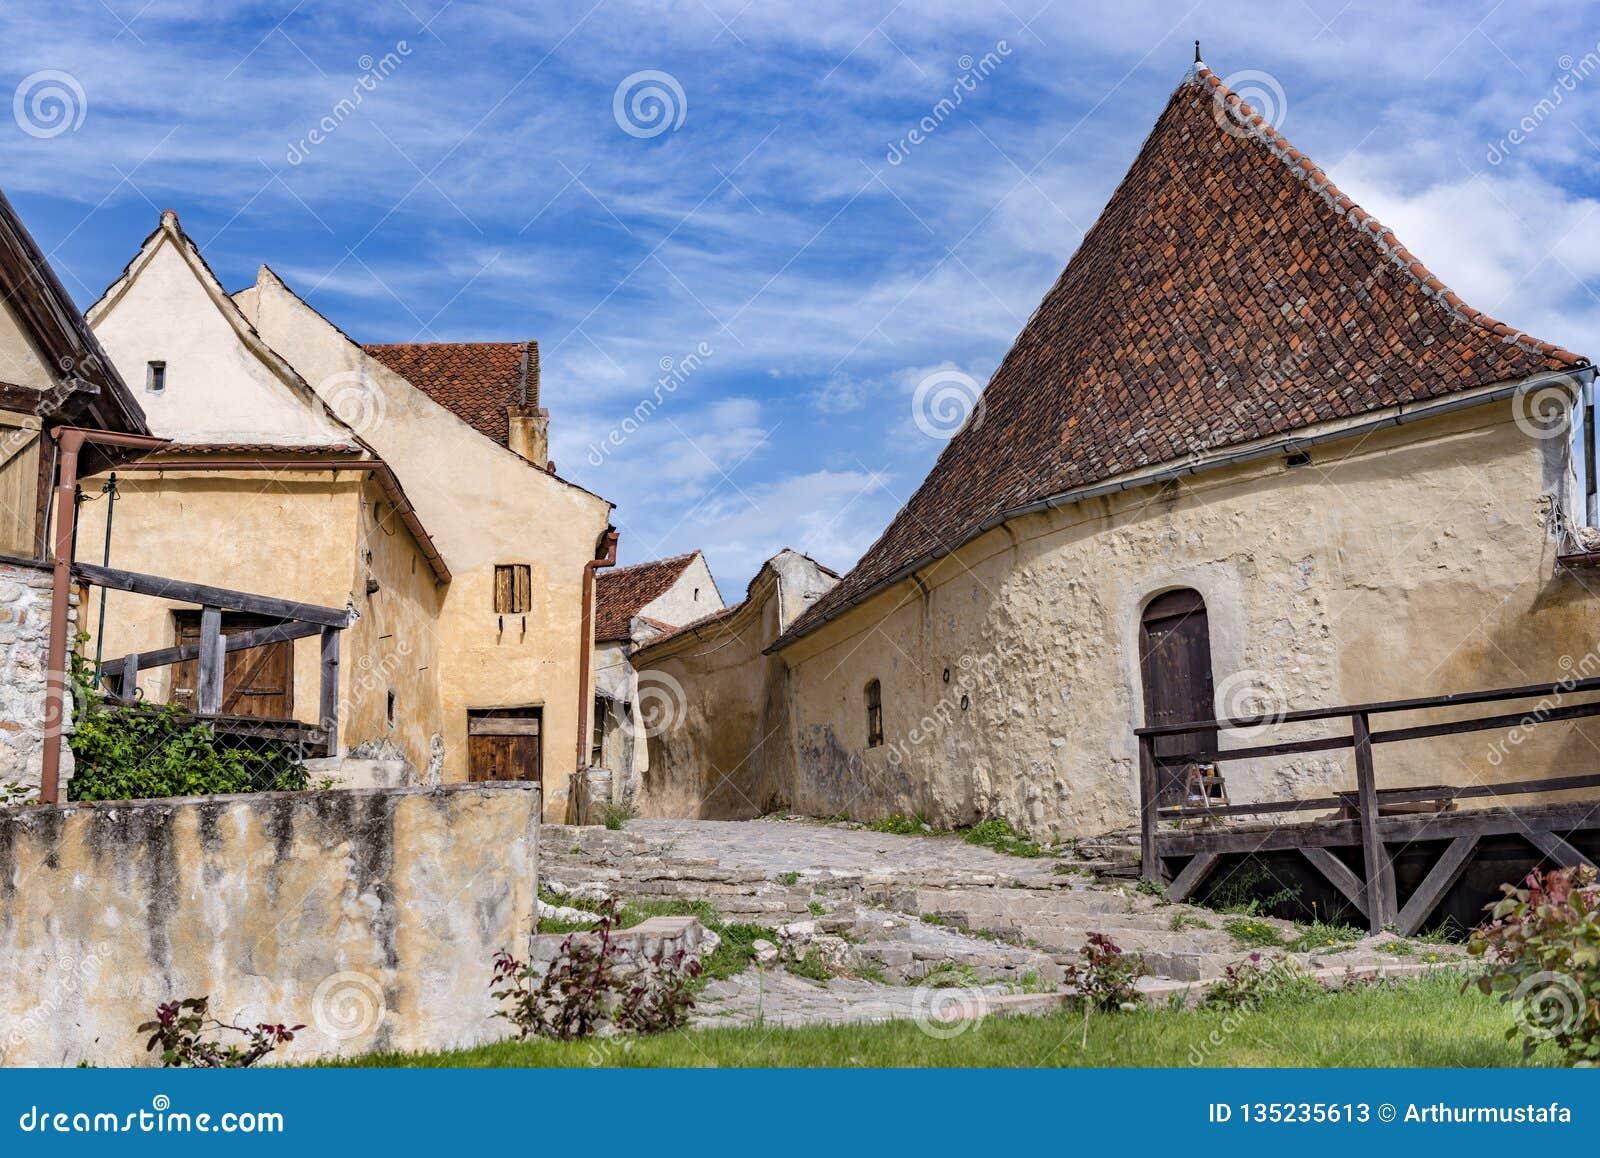 Opinião da mola do countryard interno da citadela de Rasnov, no condado de Brasov (Romênia), com as casas de pedra medievais boni